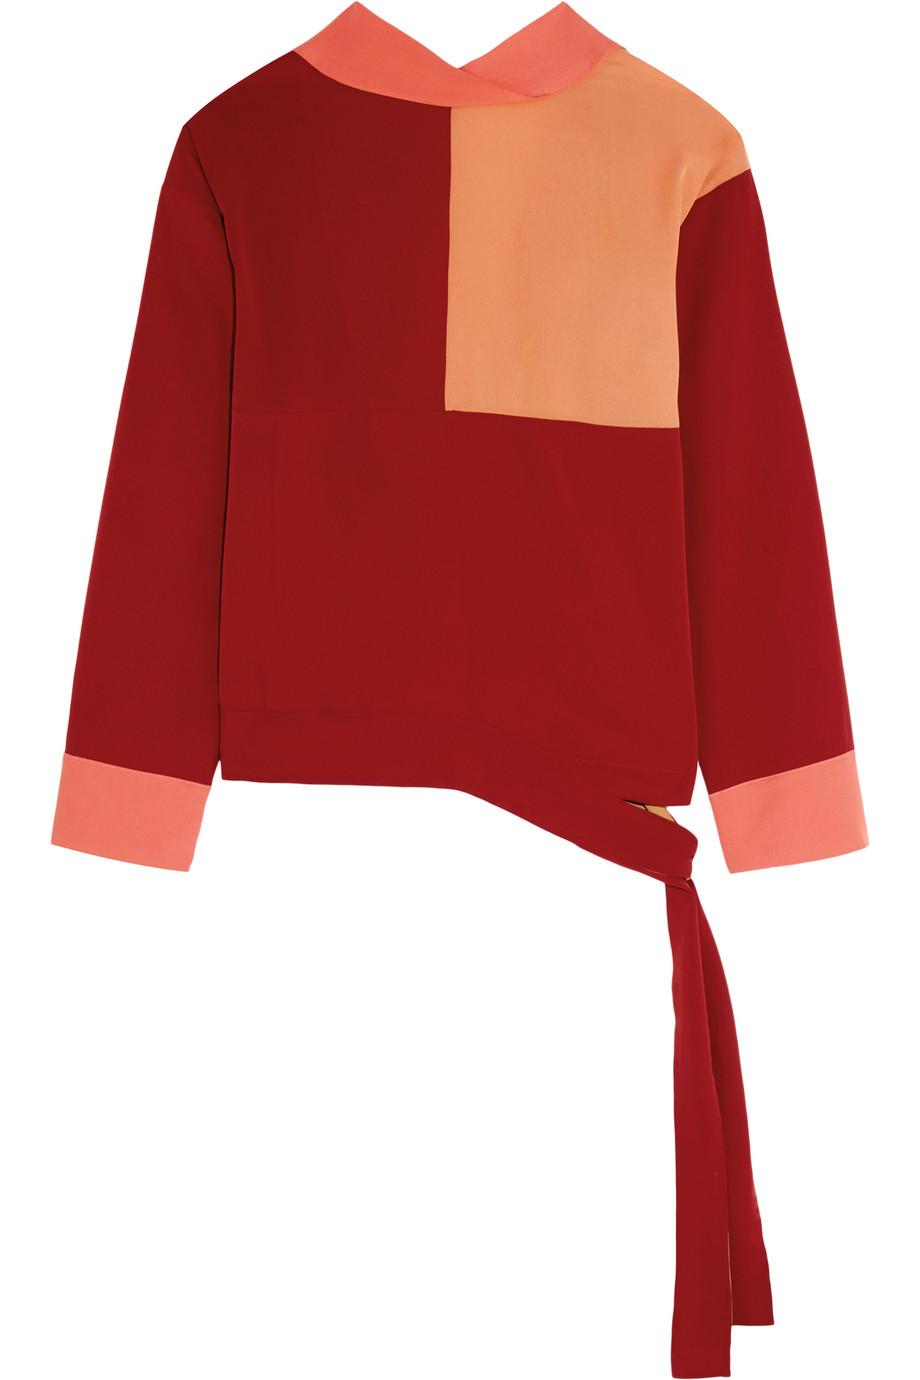 Faustine Color-Block Crepe De Chine Wrap Top, Jonathan Saunders, Claret/Coral, Women's, Size: 36